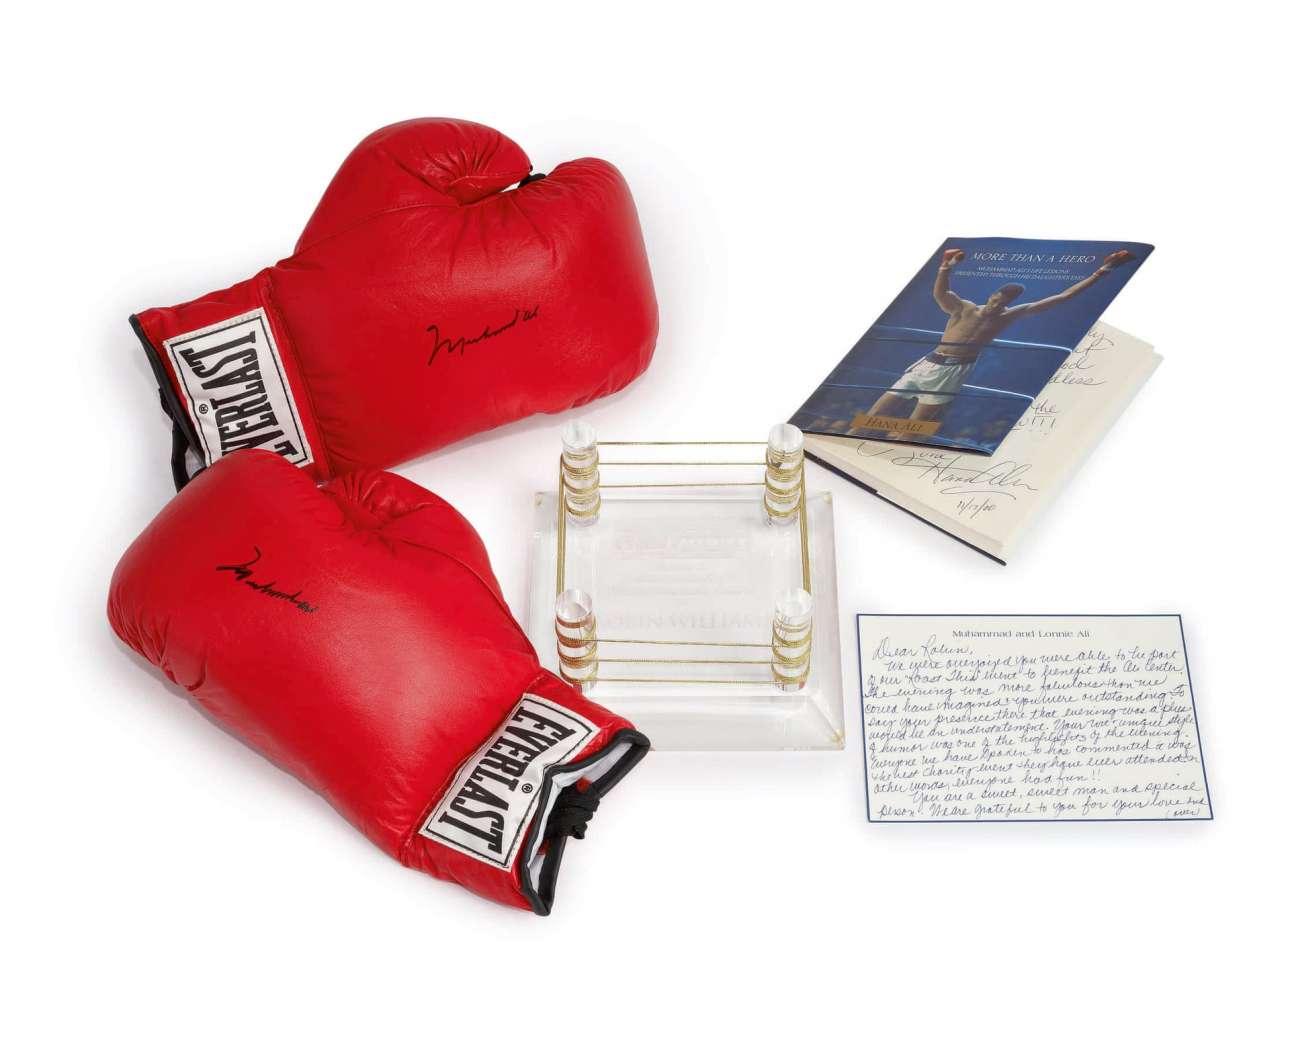 Ζευγάρι γαντιών πυγμαχίας υπογεγραμμένα από τον Μοχάμεντ Αλι. Το 2006, στην εκδήλωση Celebrity Fight Night, απονεμήθηκε στον Γουίλιαμς το Ανθρωπιστικό Βραβείο Μοχάμεντ Αλι, όπου πυγμάχησε με τον πρωταθλητή και έλαβε τα εικονιζόμενα γάντια